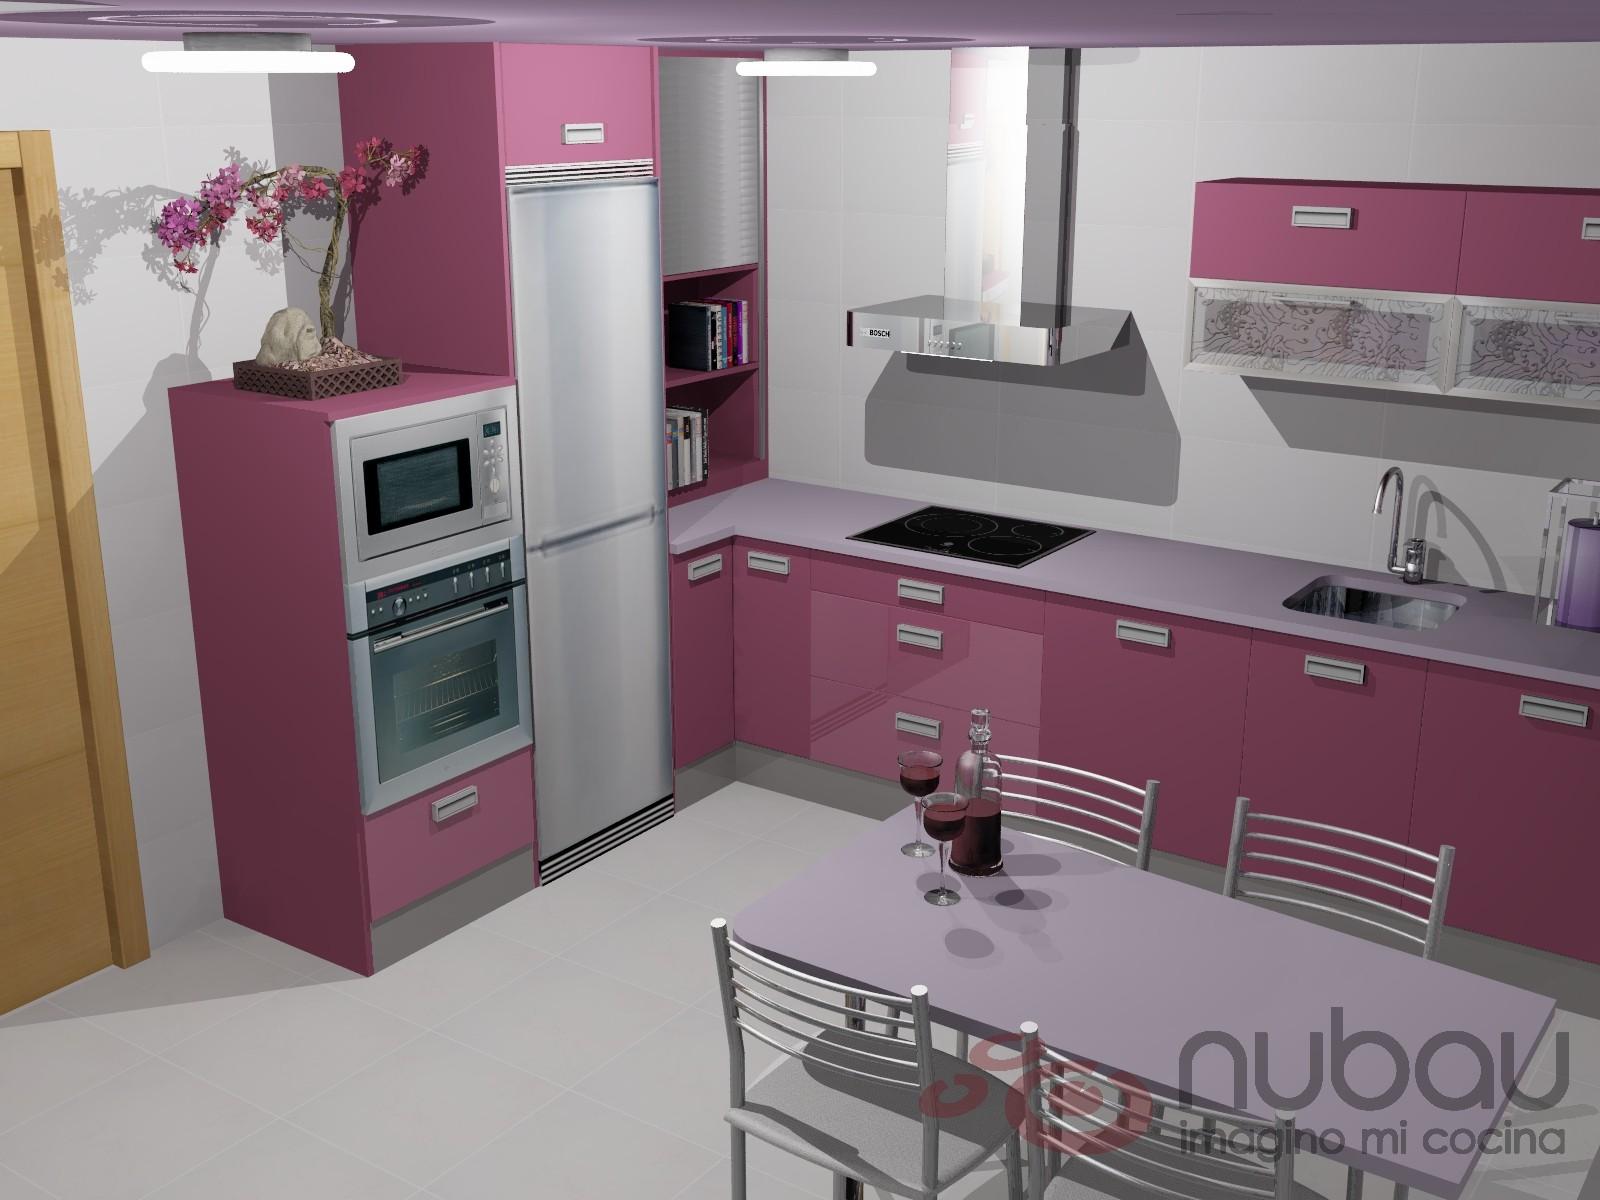 Qu es lo m s caro al cambiar de cocina - Cambiar puertas muebles cocina ...